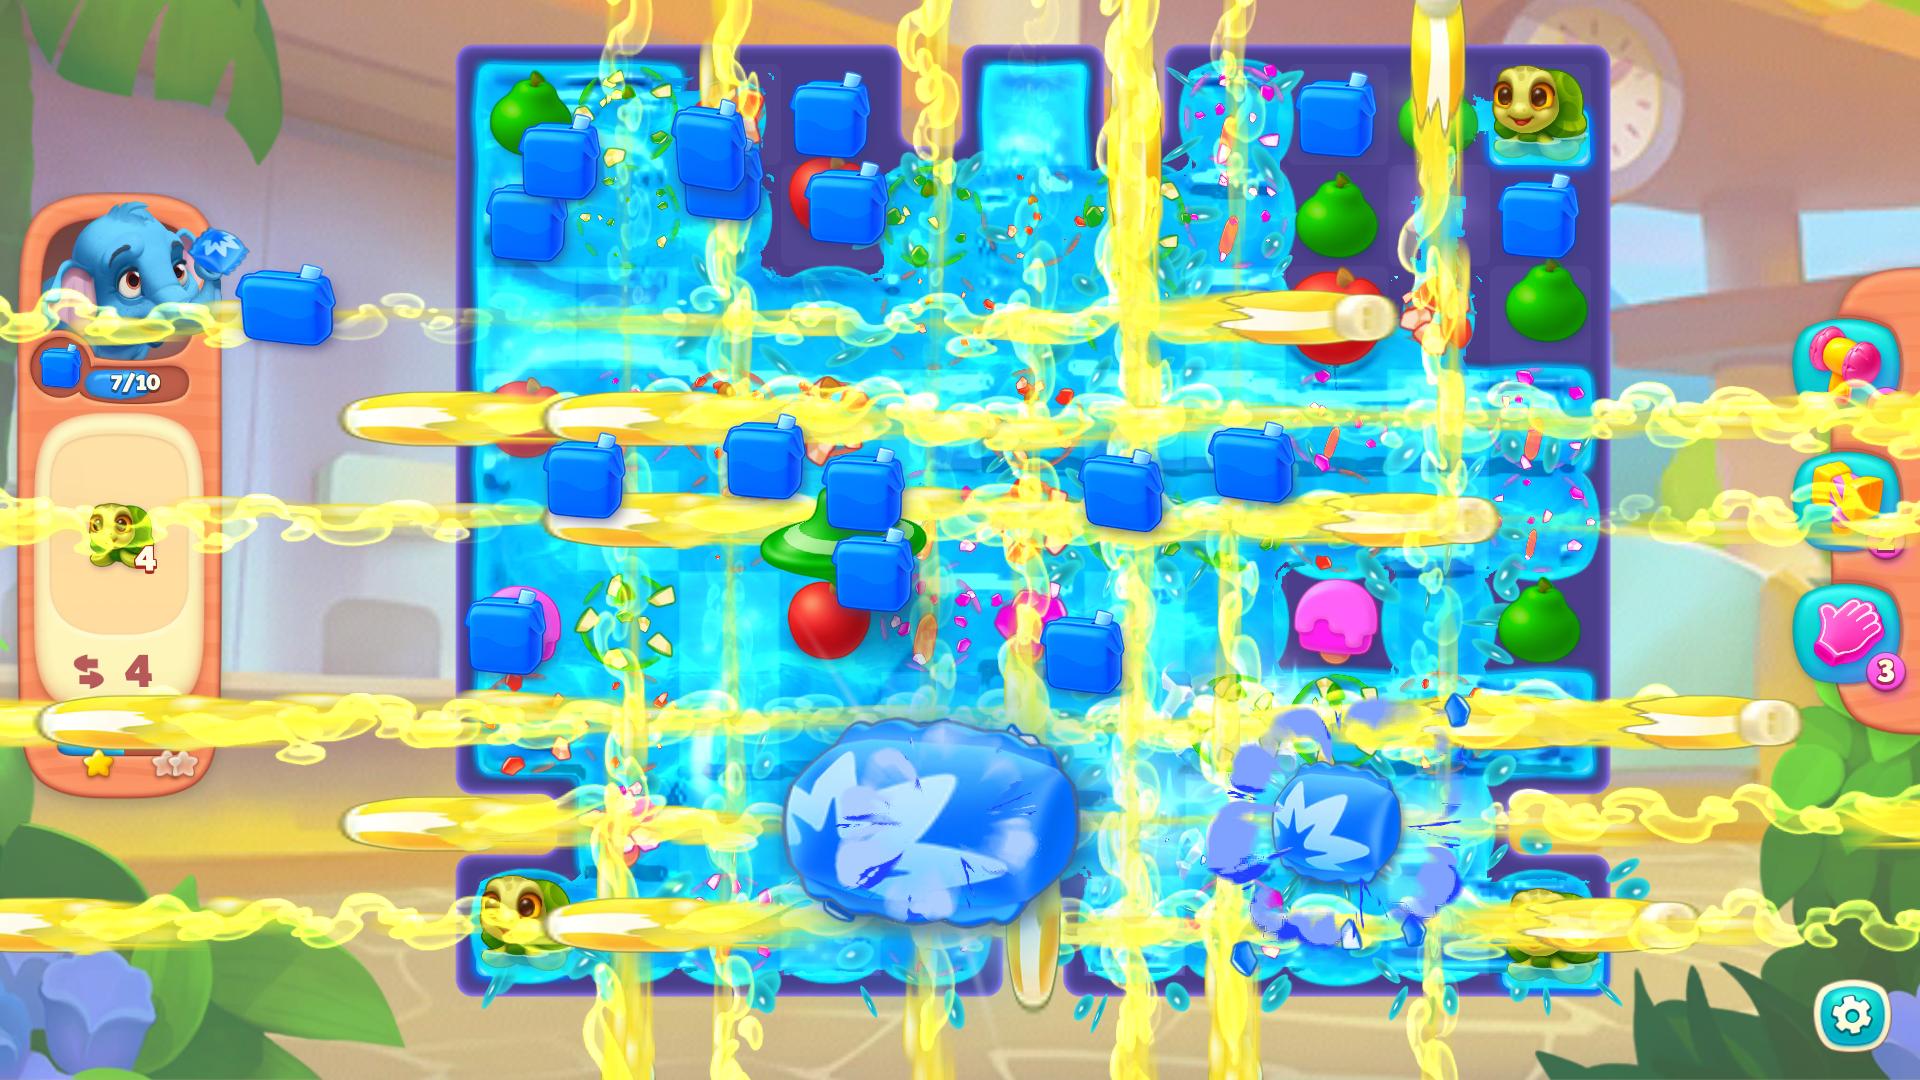 全畫面衝擊波 一次消除所有方塊